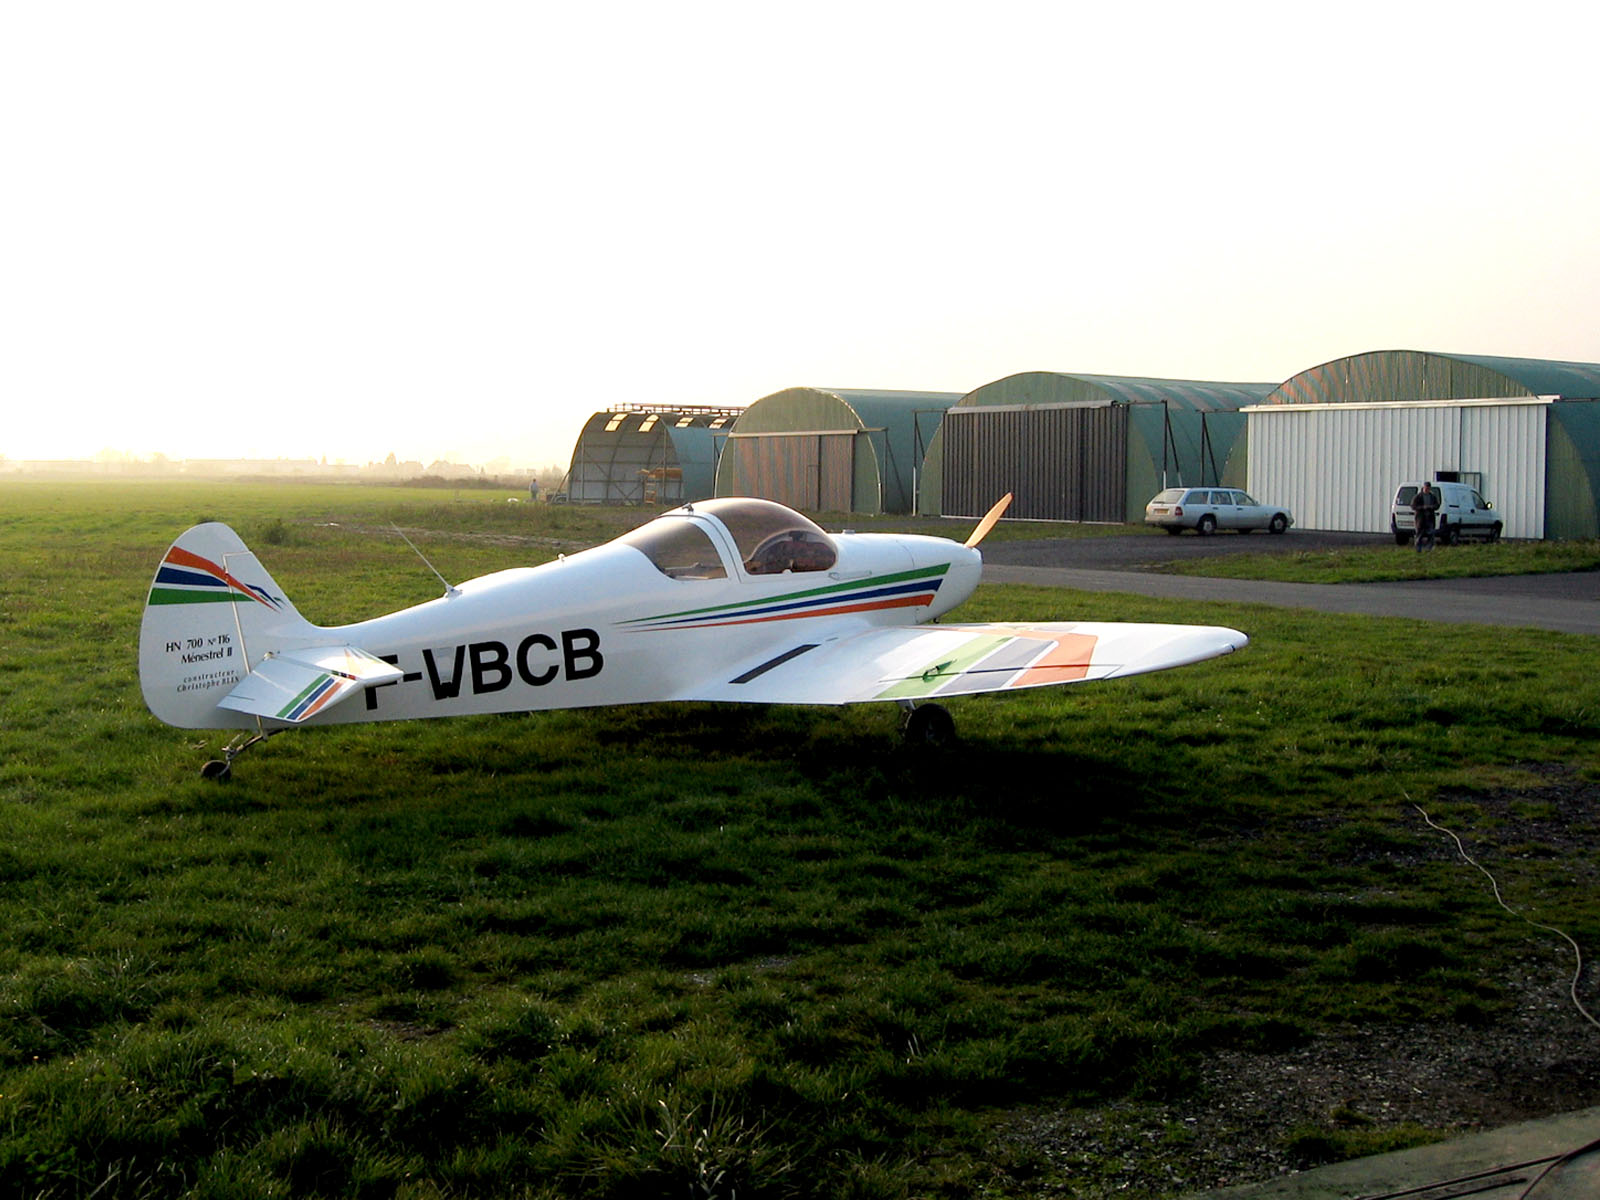 http://avionmenestrel1.free.fr/avion/F-PBCB/1.jpg